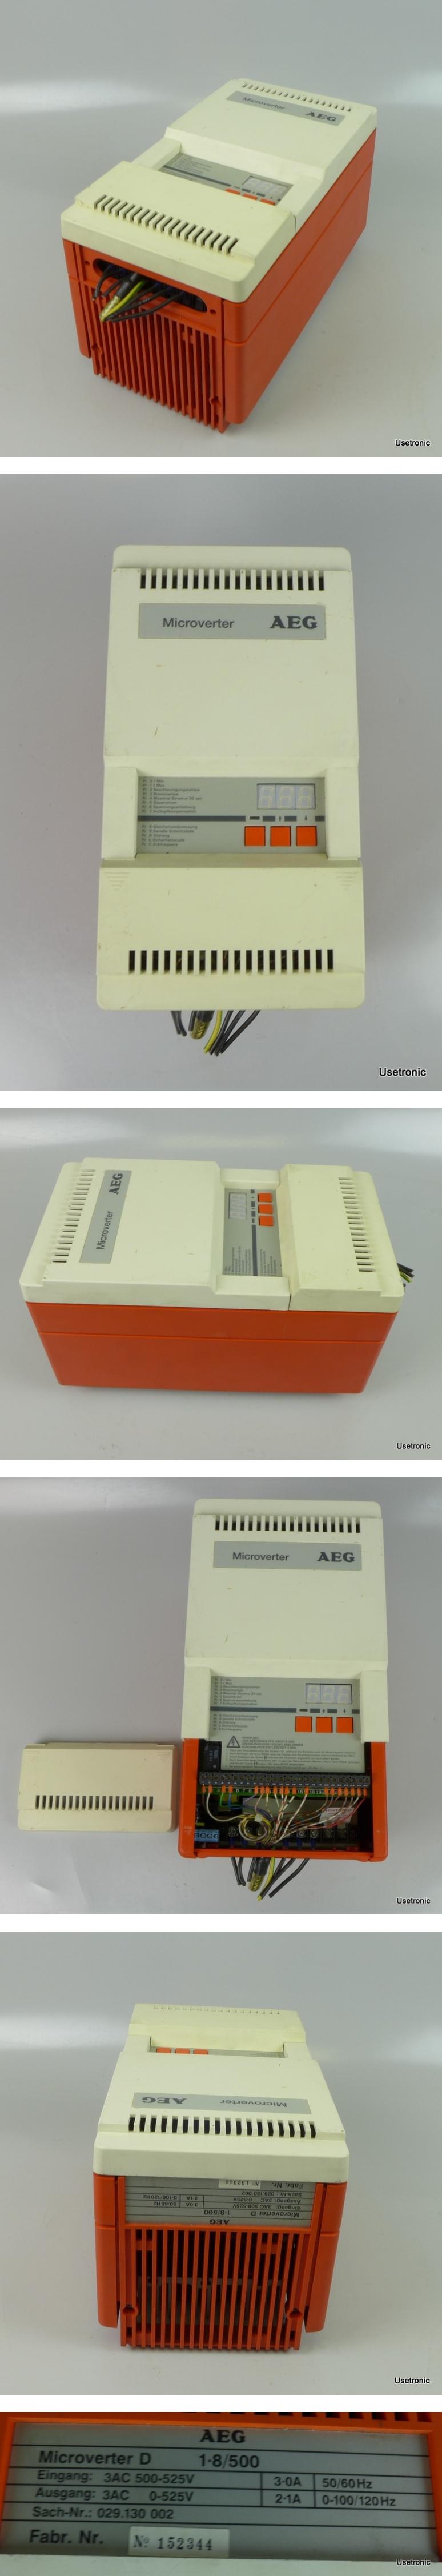 AEG Microverter D 1-8/500